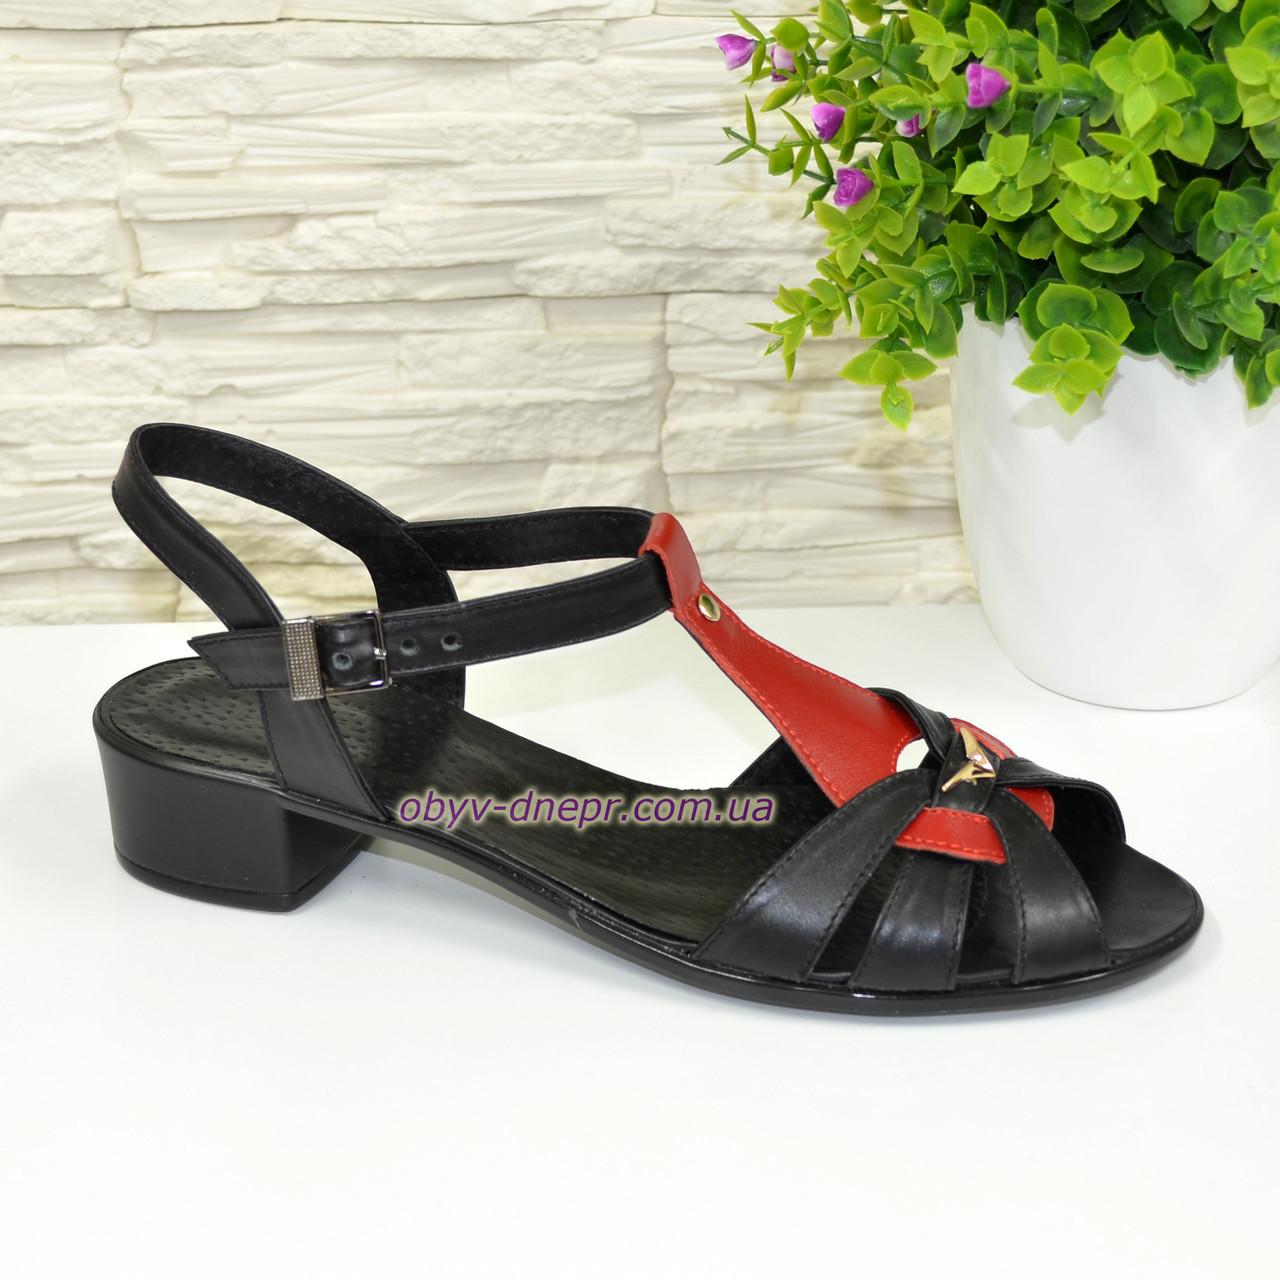 Женские кожаные босоножки на маленьком каблучке, цвет черный/красный